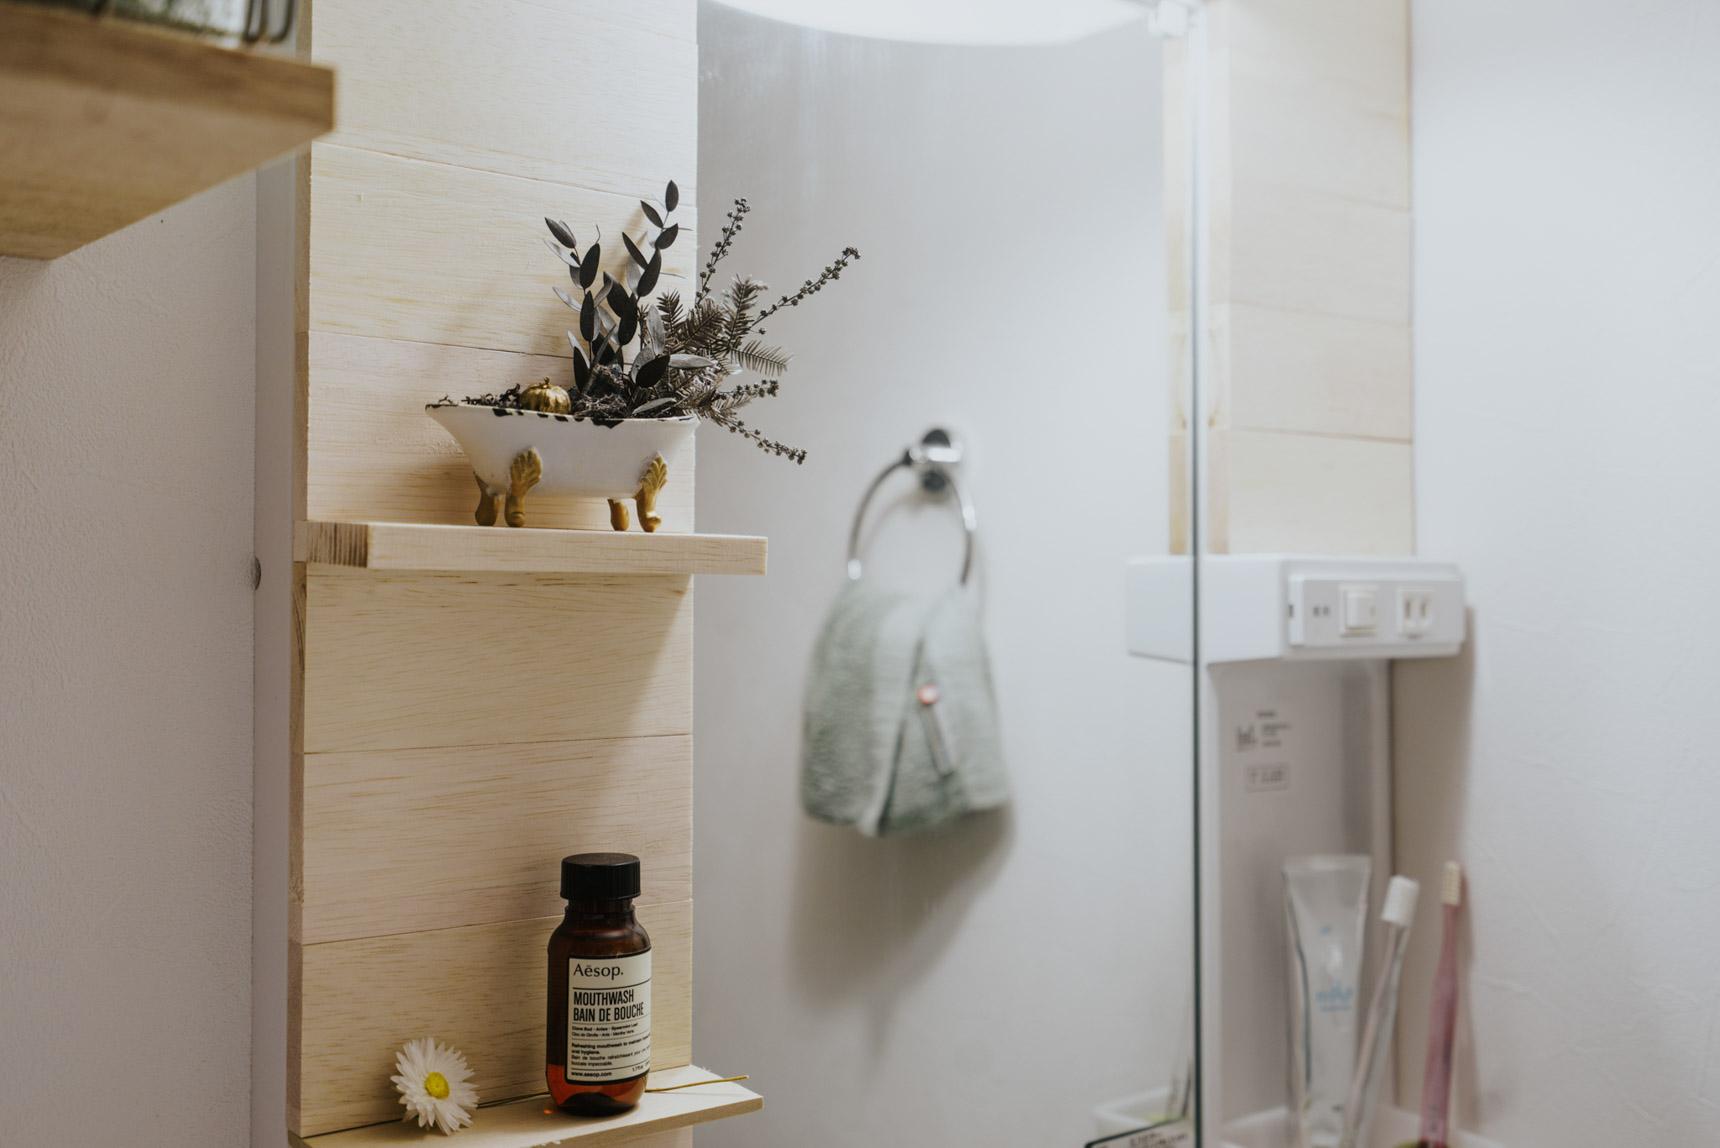 木材を貼り付けて雰囲気をよくするテクニック。板を挟み込めば新たに小さな棚ができあがり。少し手間はかかるけれど、愛着が持てる洗面台になりそうです。(このお部屋をもっと見る)